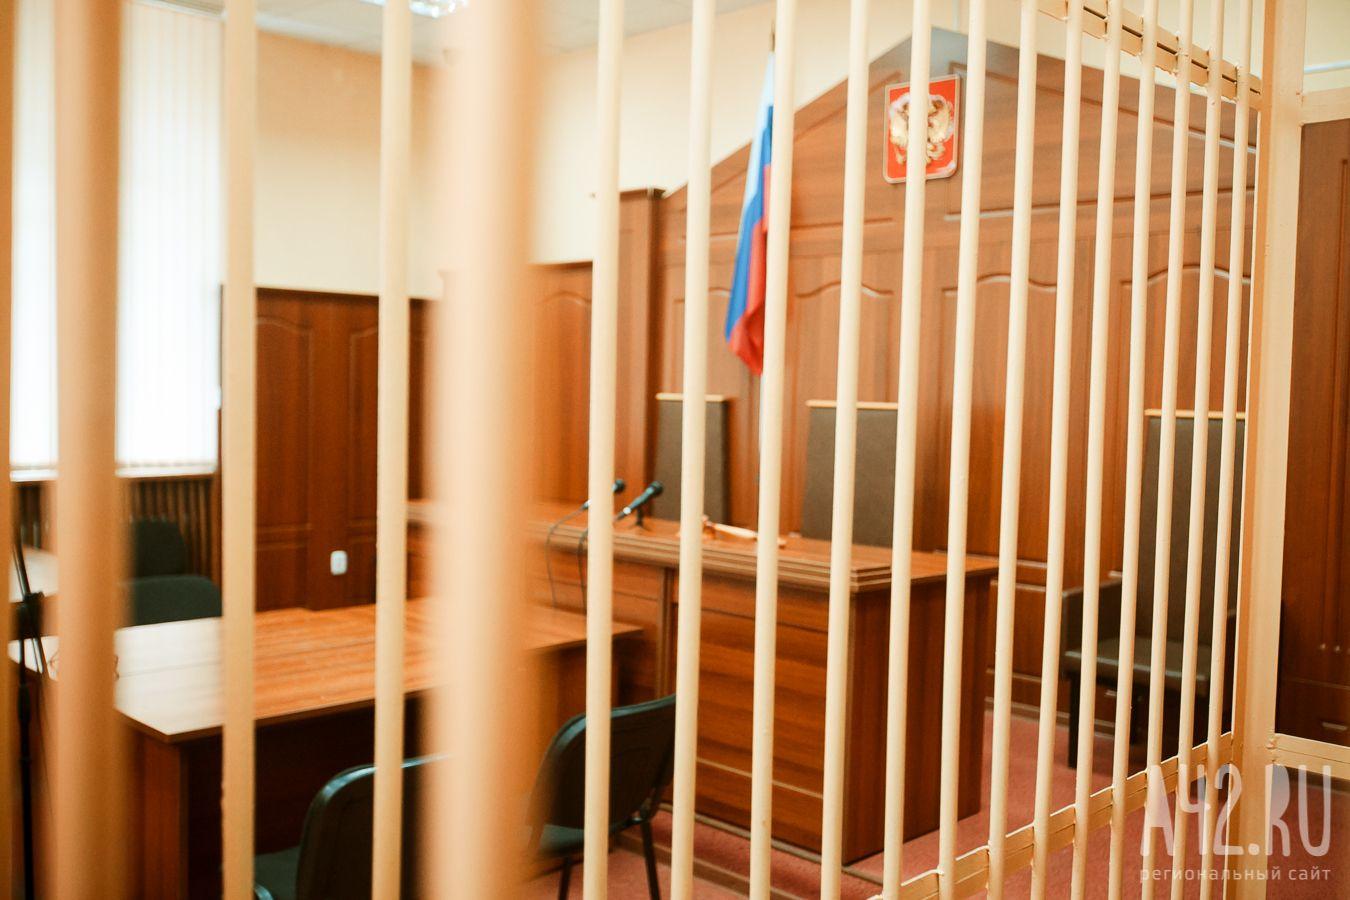 ВСибири обвиняемый вкражах убежал из-под конвоя с совещания суда